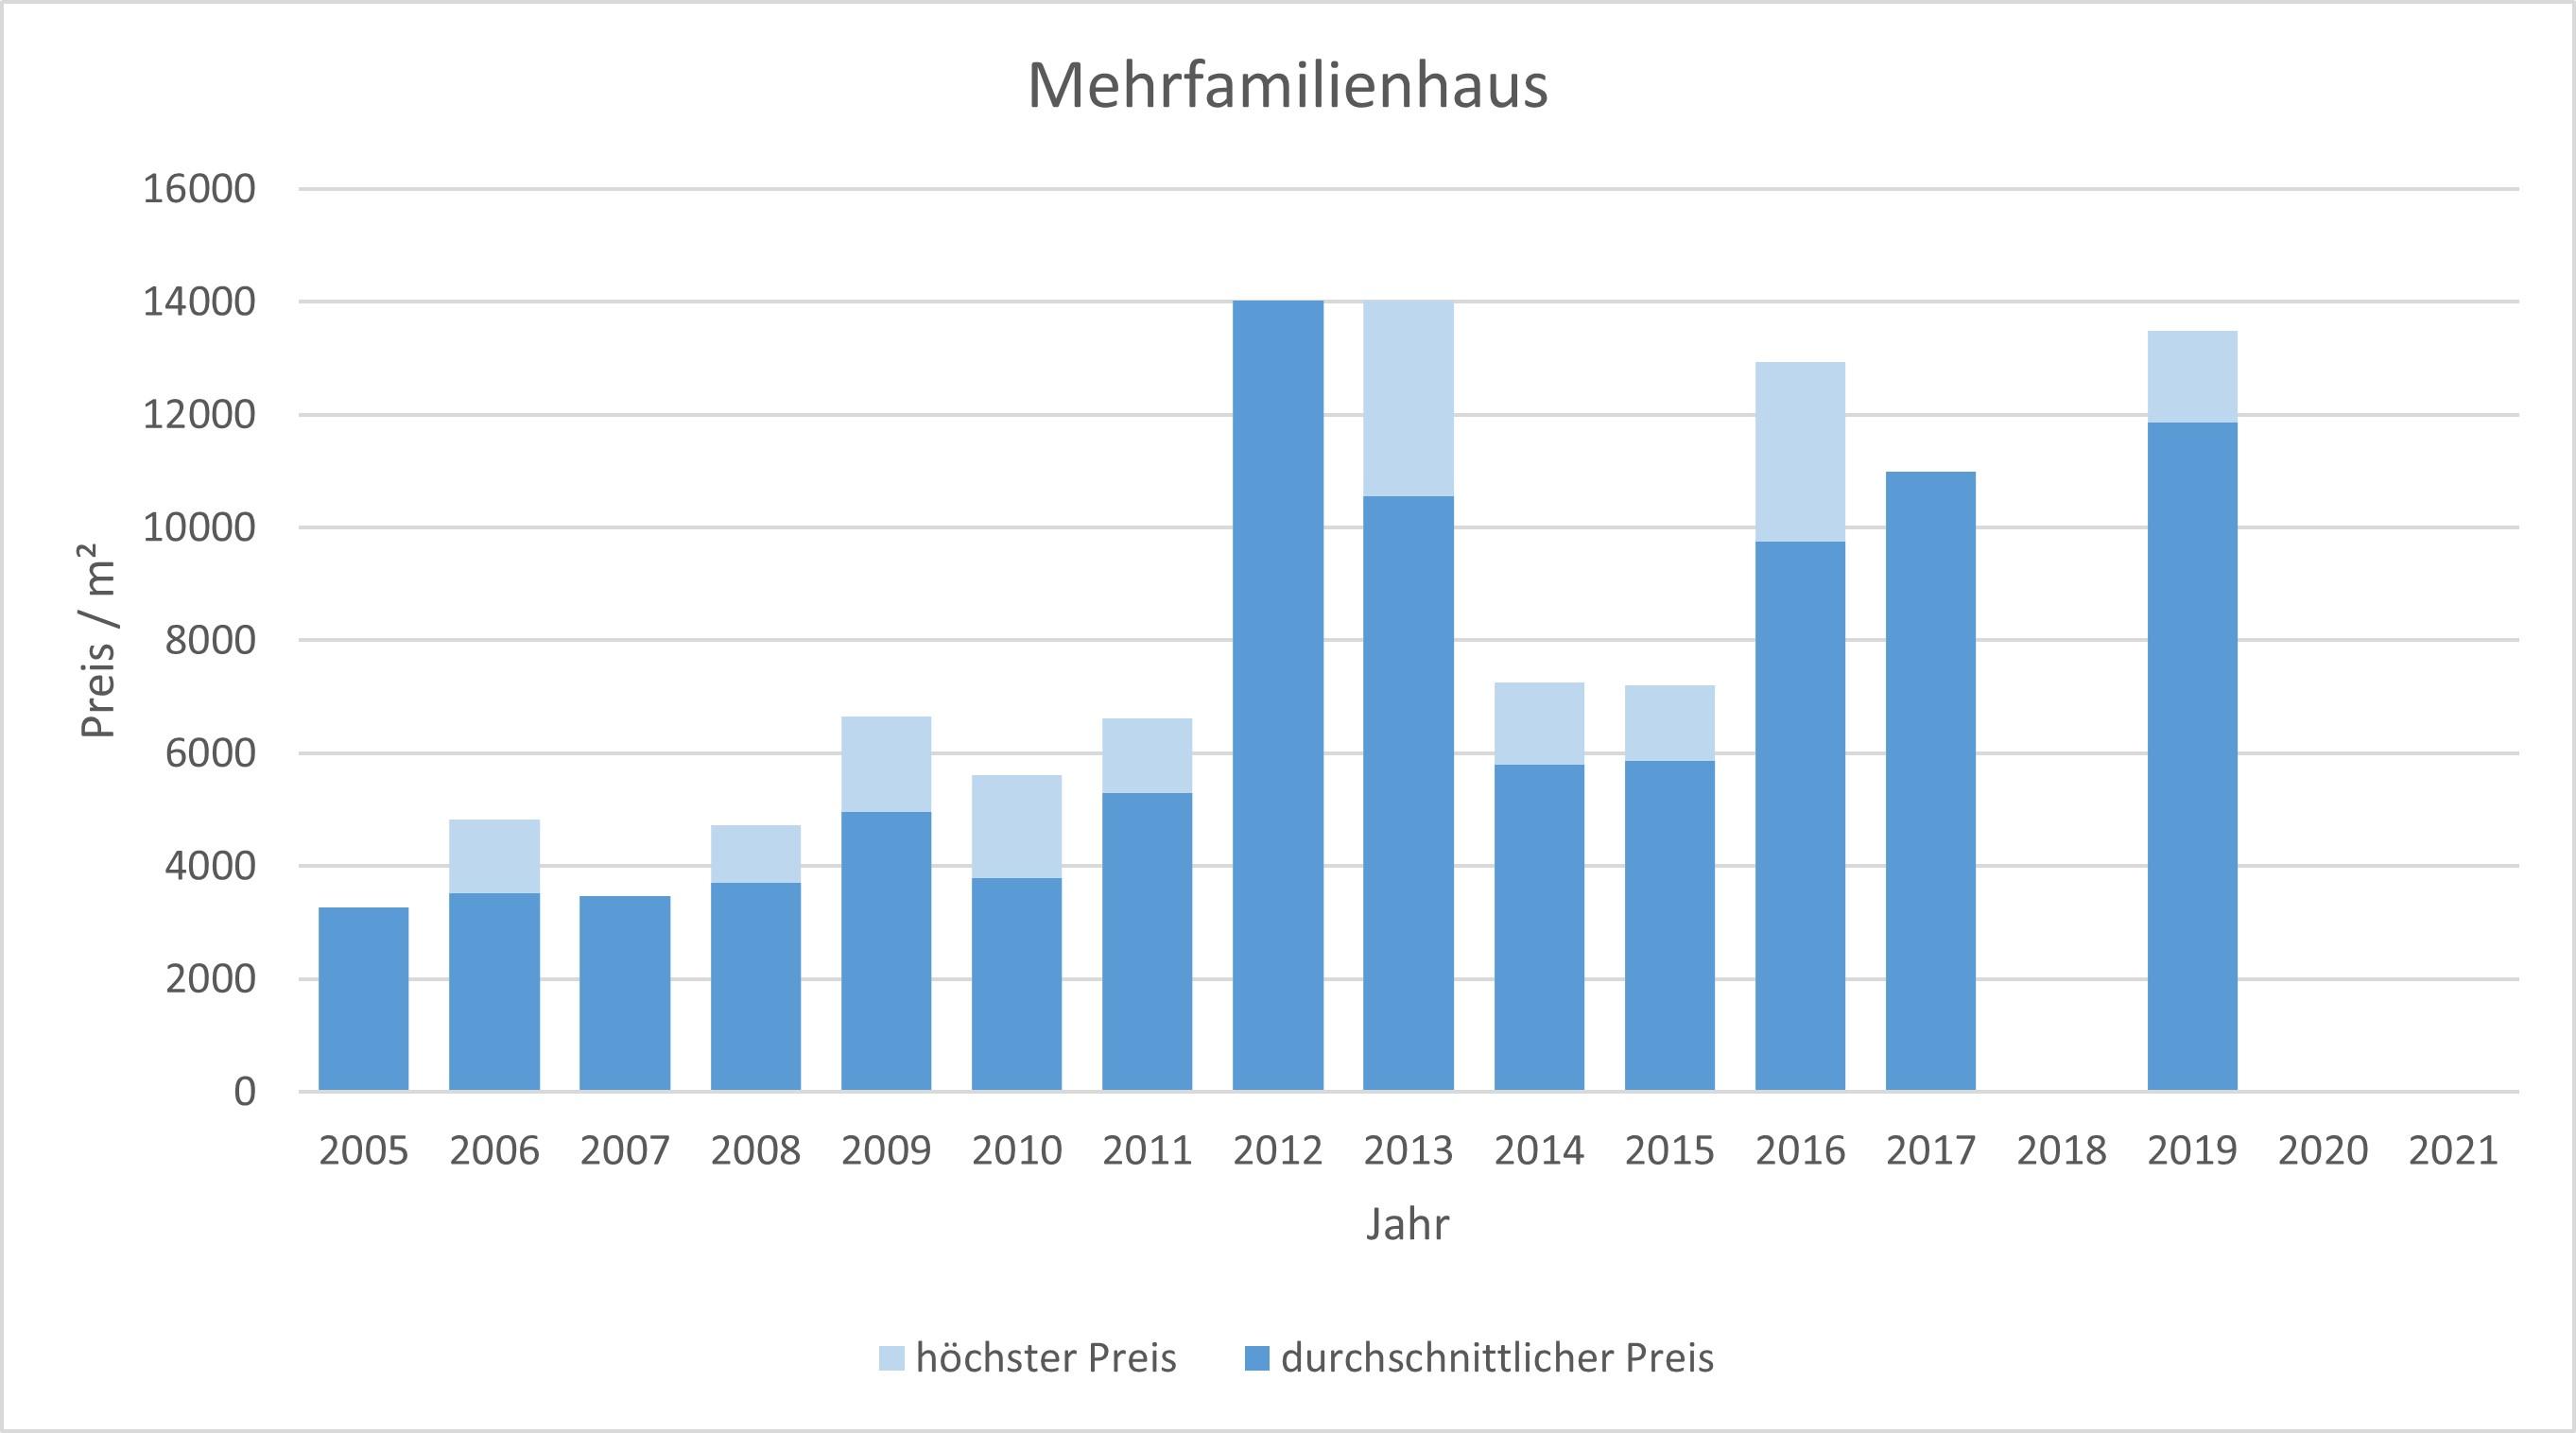 München - Lehel Mehrfamilienhaus kaufen verkaufen Preis Bewertung Makler 2019 2020 2021  www.happy-immo.de